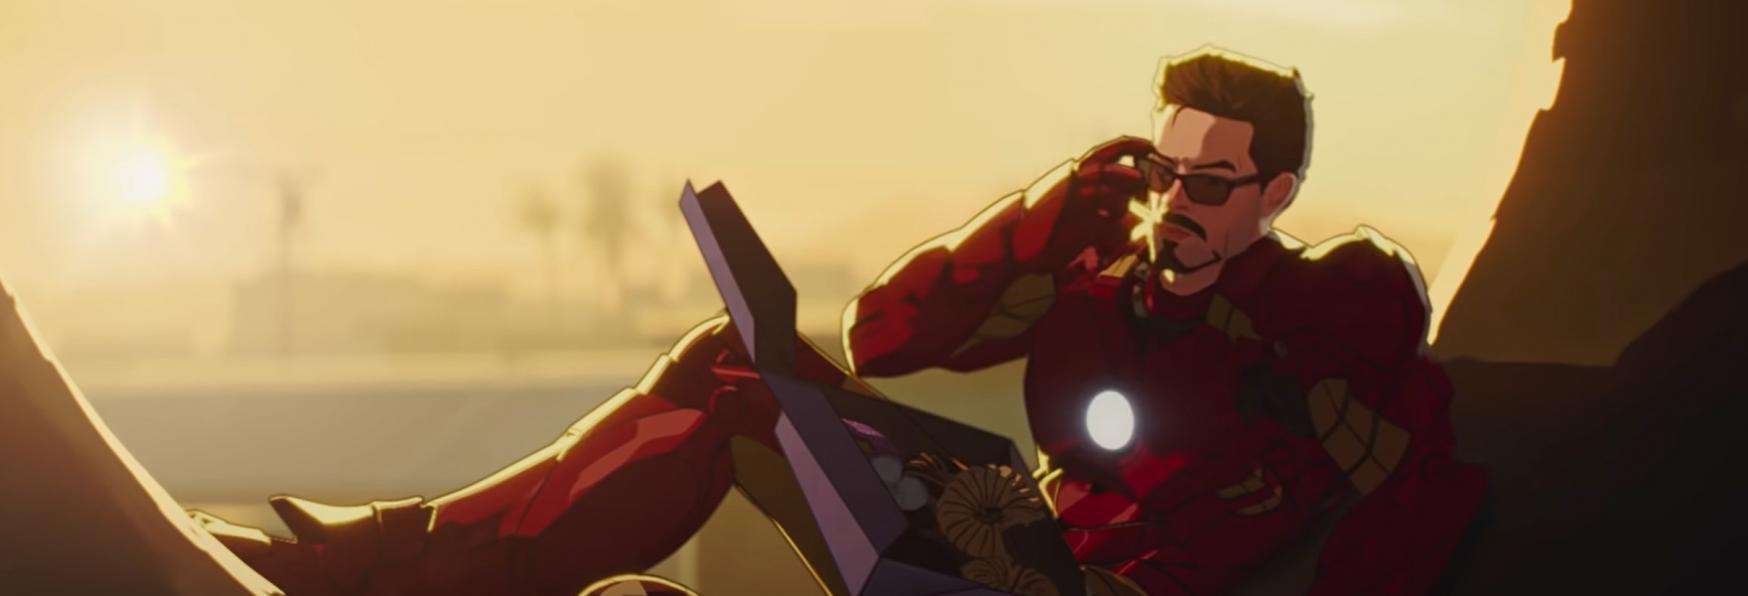 Dopo What If...?, in arrivo nuove Serie Animate per il Marvel Cinematic Universe